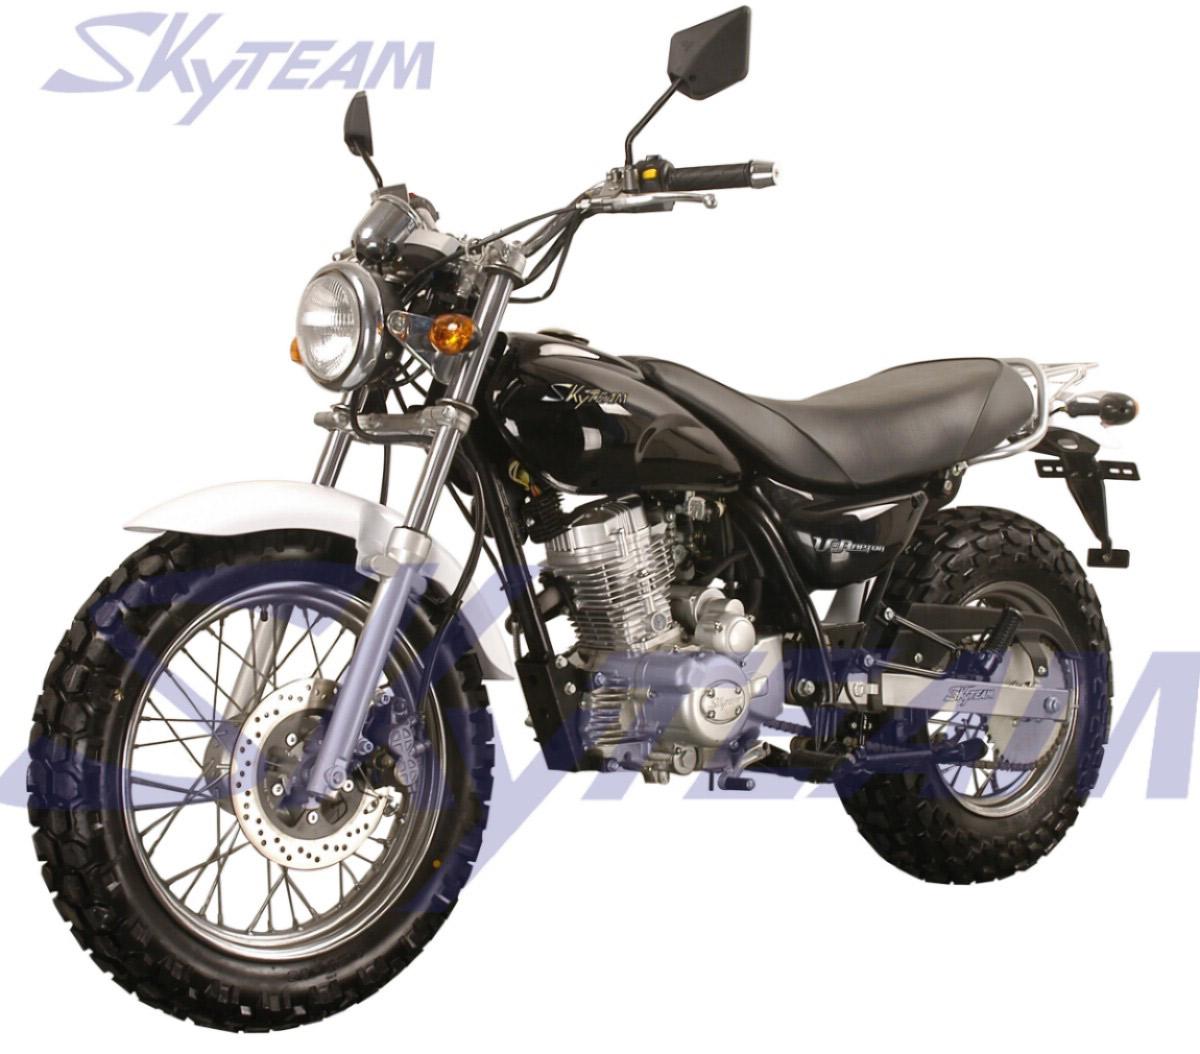 skyteam v raptor 125cc 4